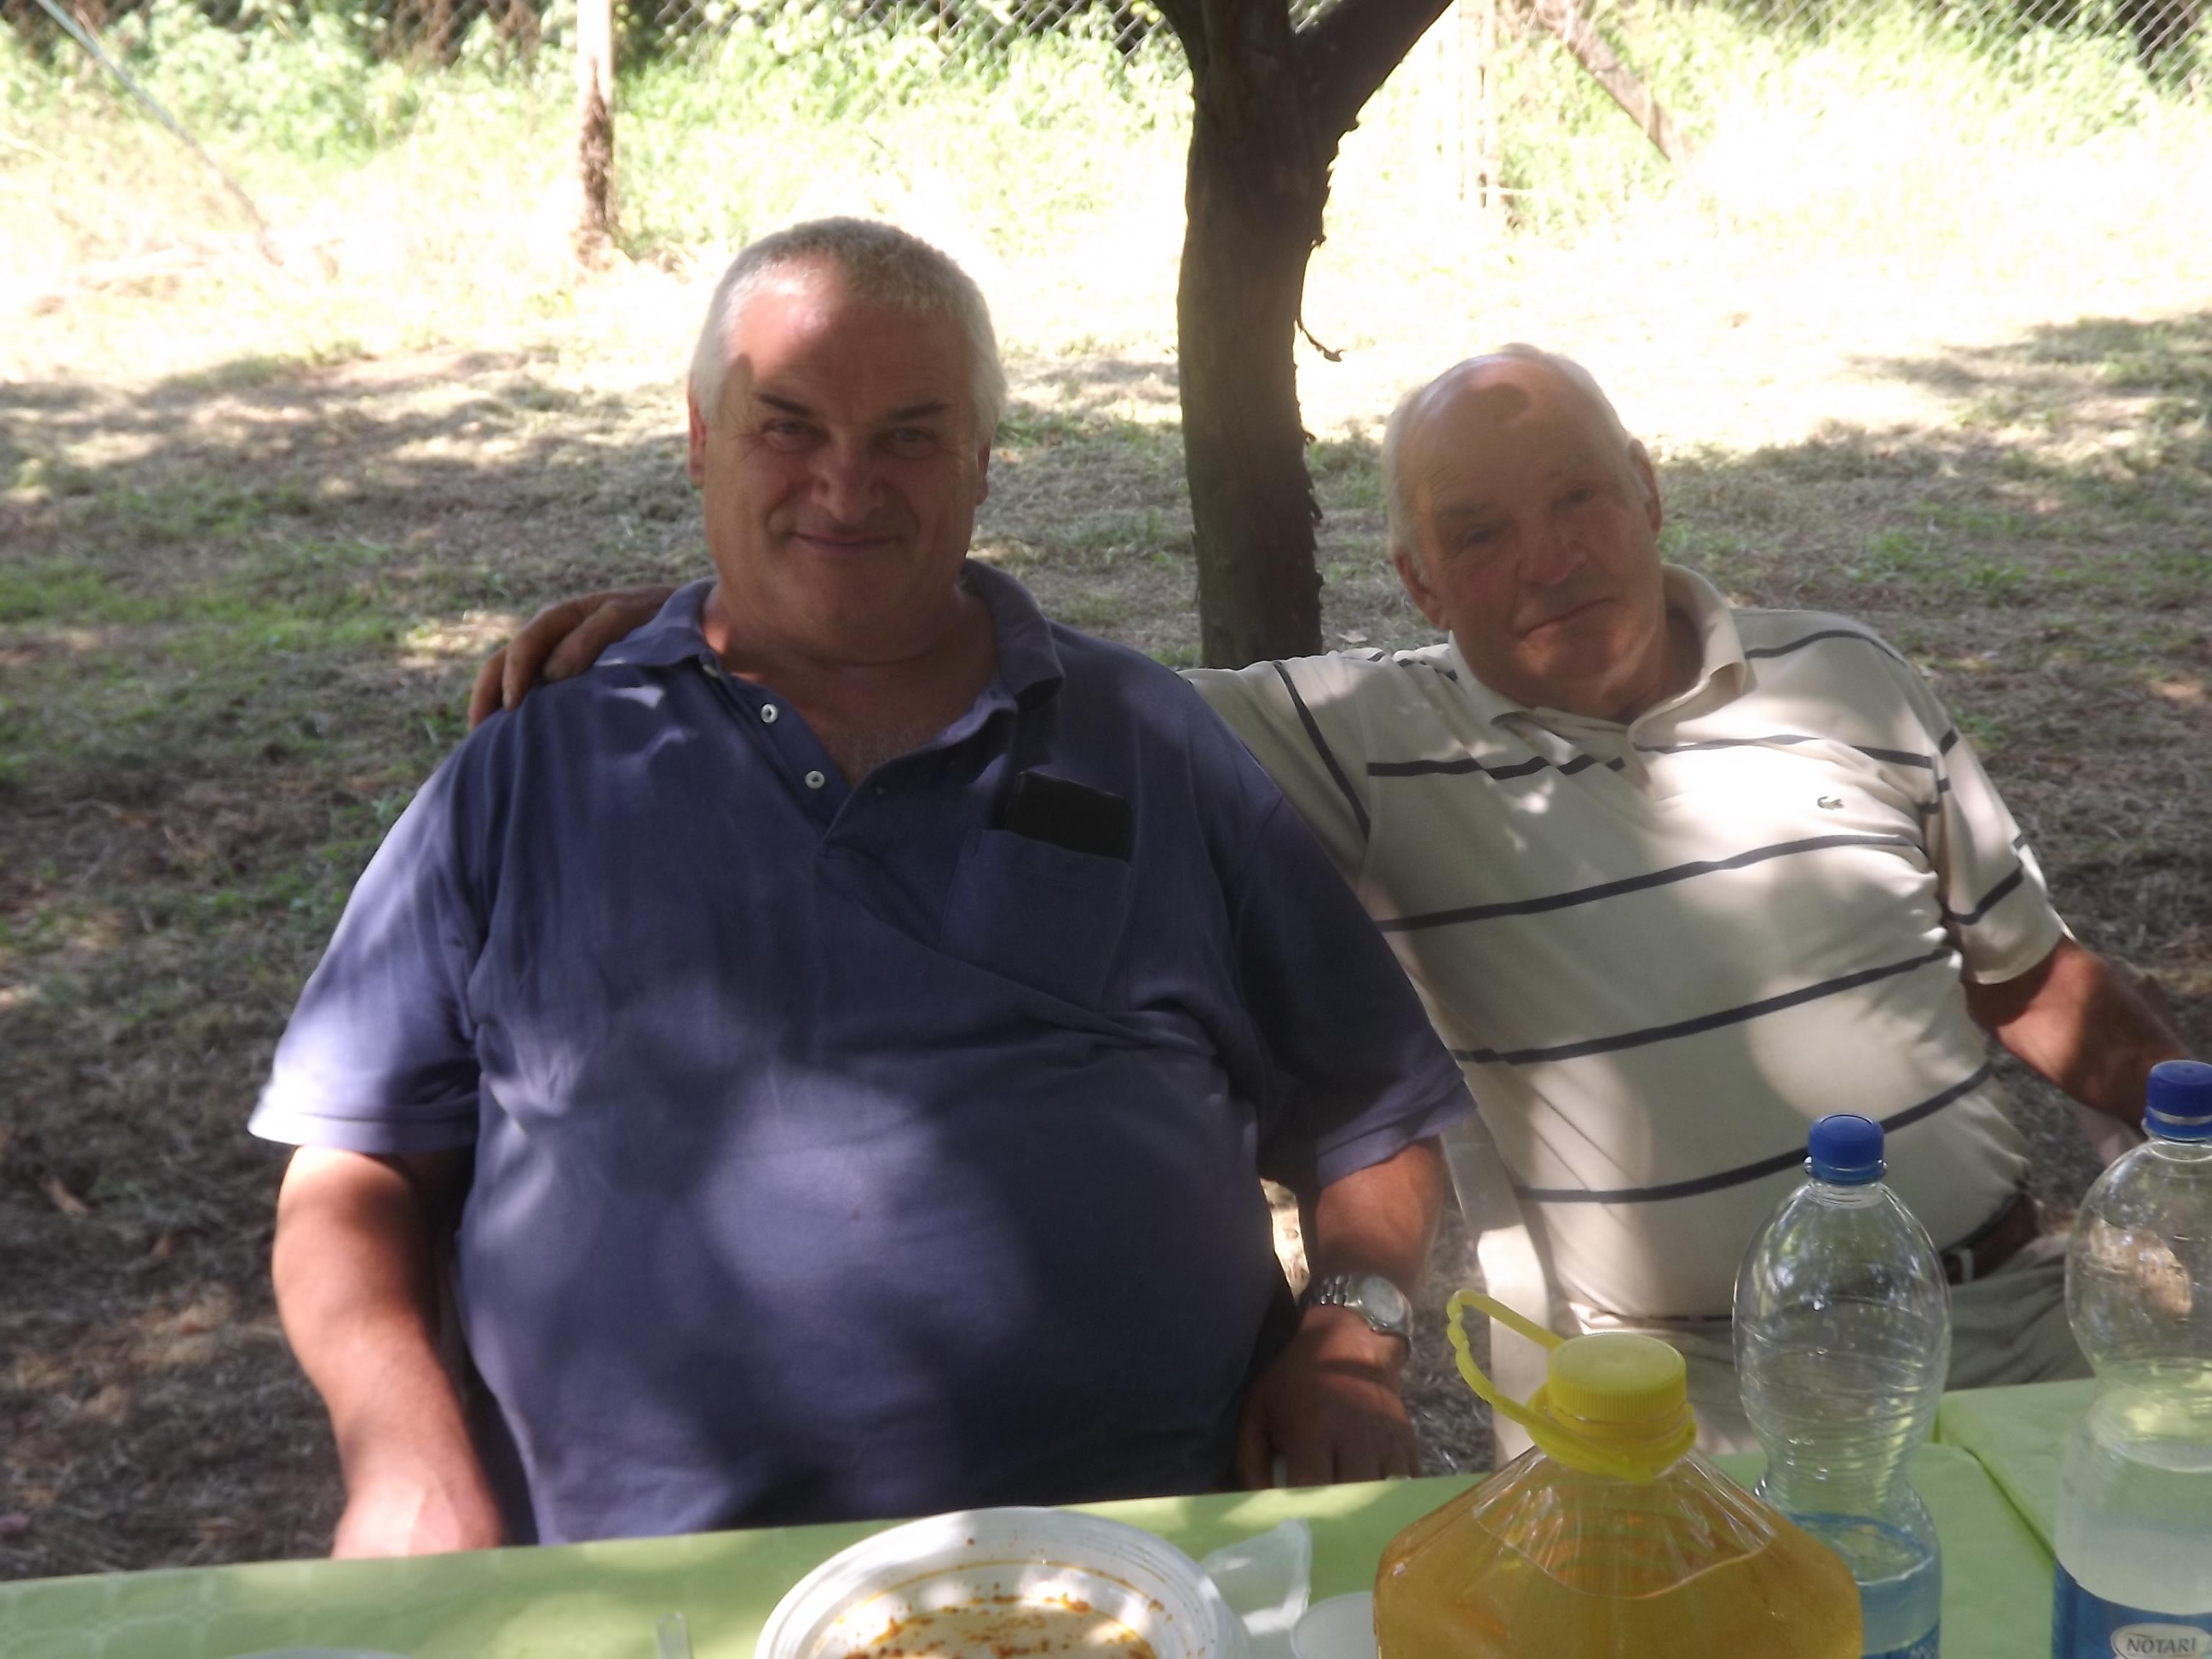 IMMAGINI DEL PRANZO ORGANIZZATO DALLA ITALCACCIA SEZIONE DI LARIANO IN VISTA DELLA PREAPERTURA DELLA CACCIA